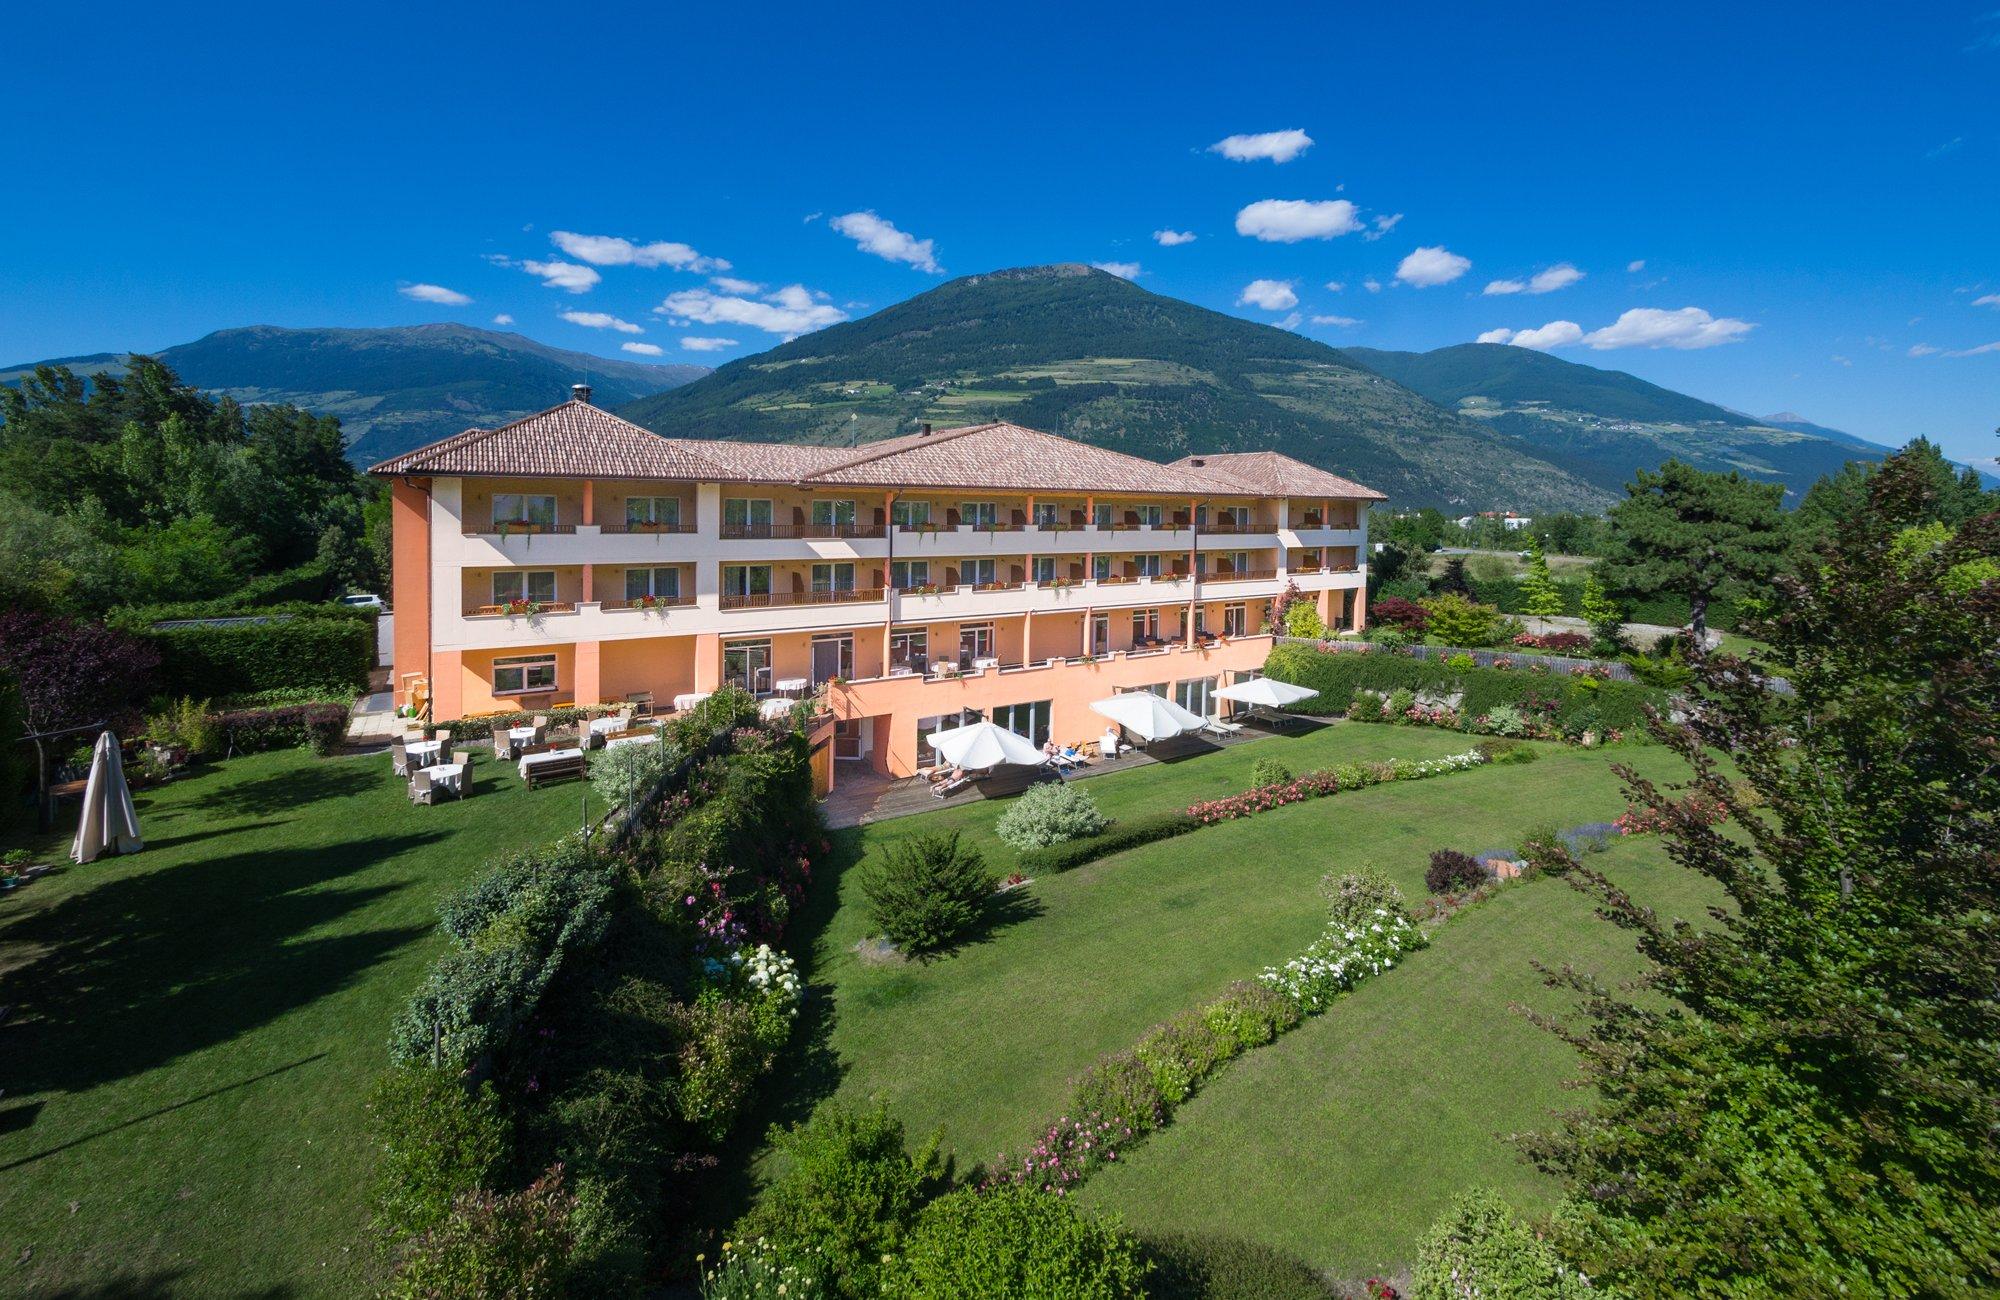 Wissenswertes Im Garden Park Hotel Sudtirol 4 Sterne Gardenparkhotel